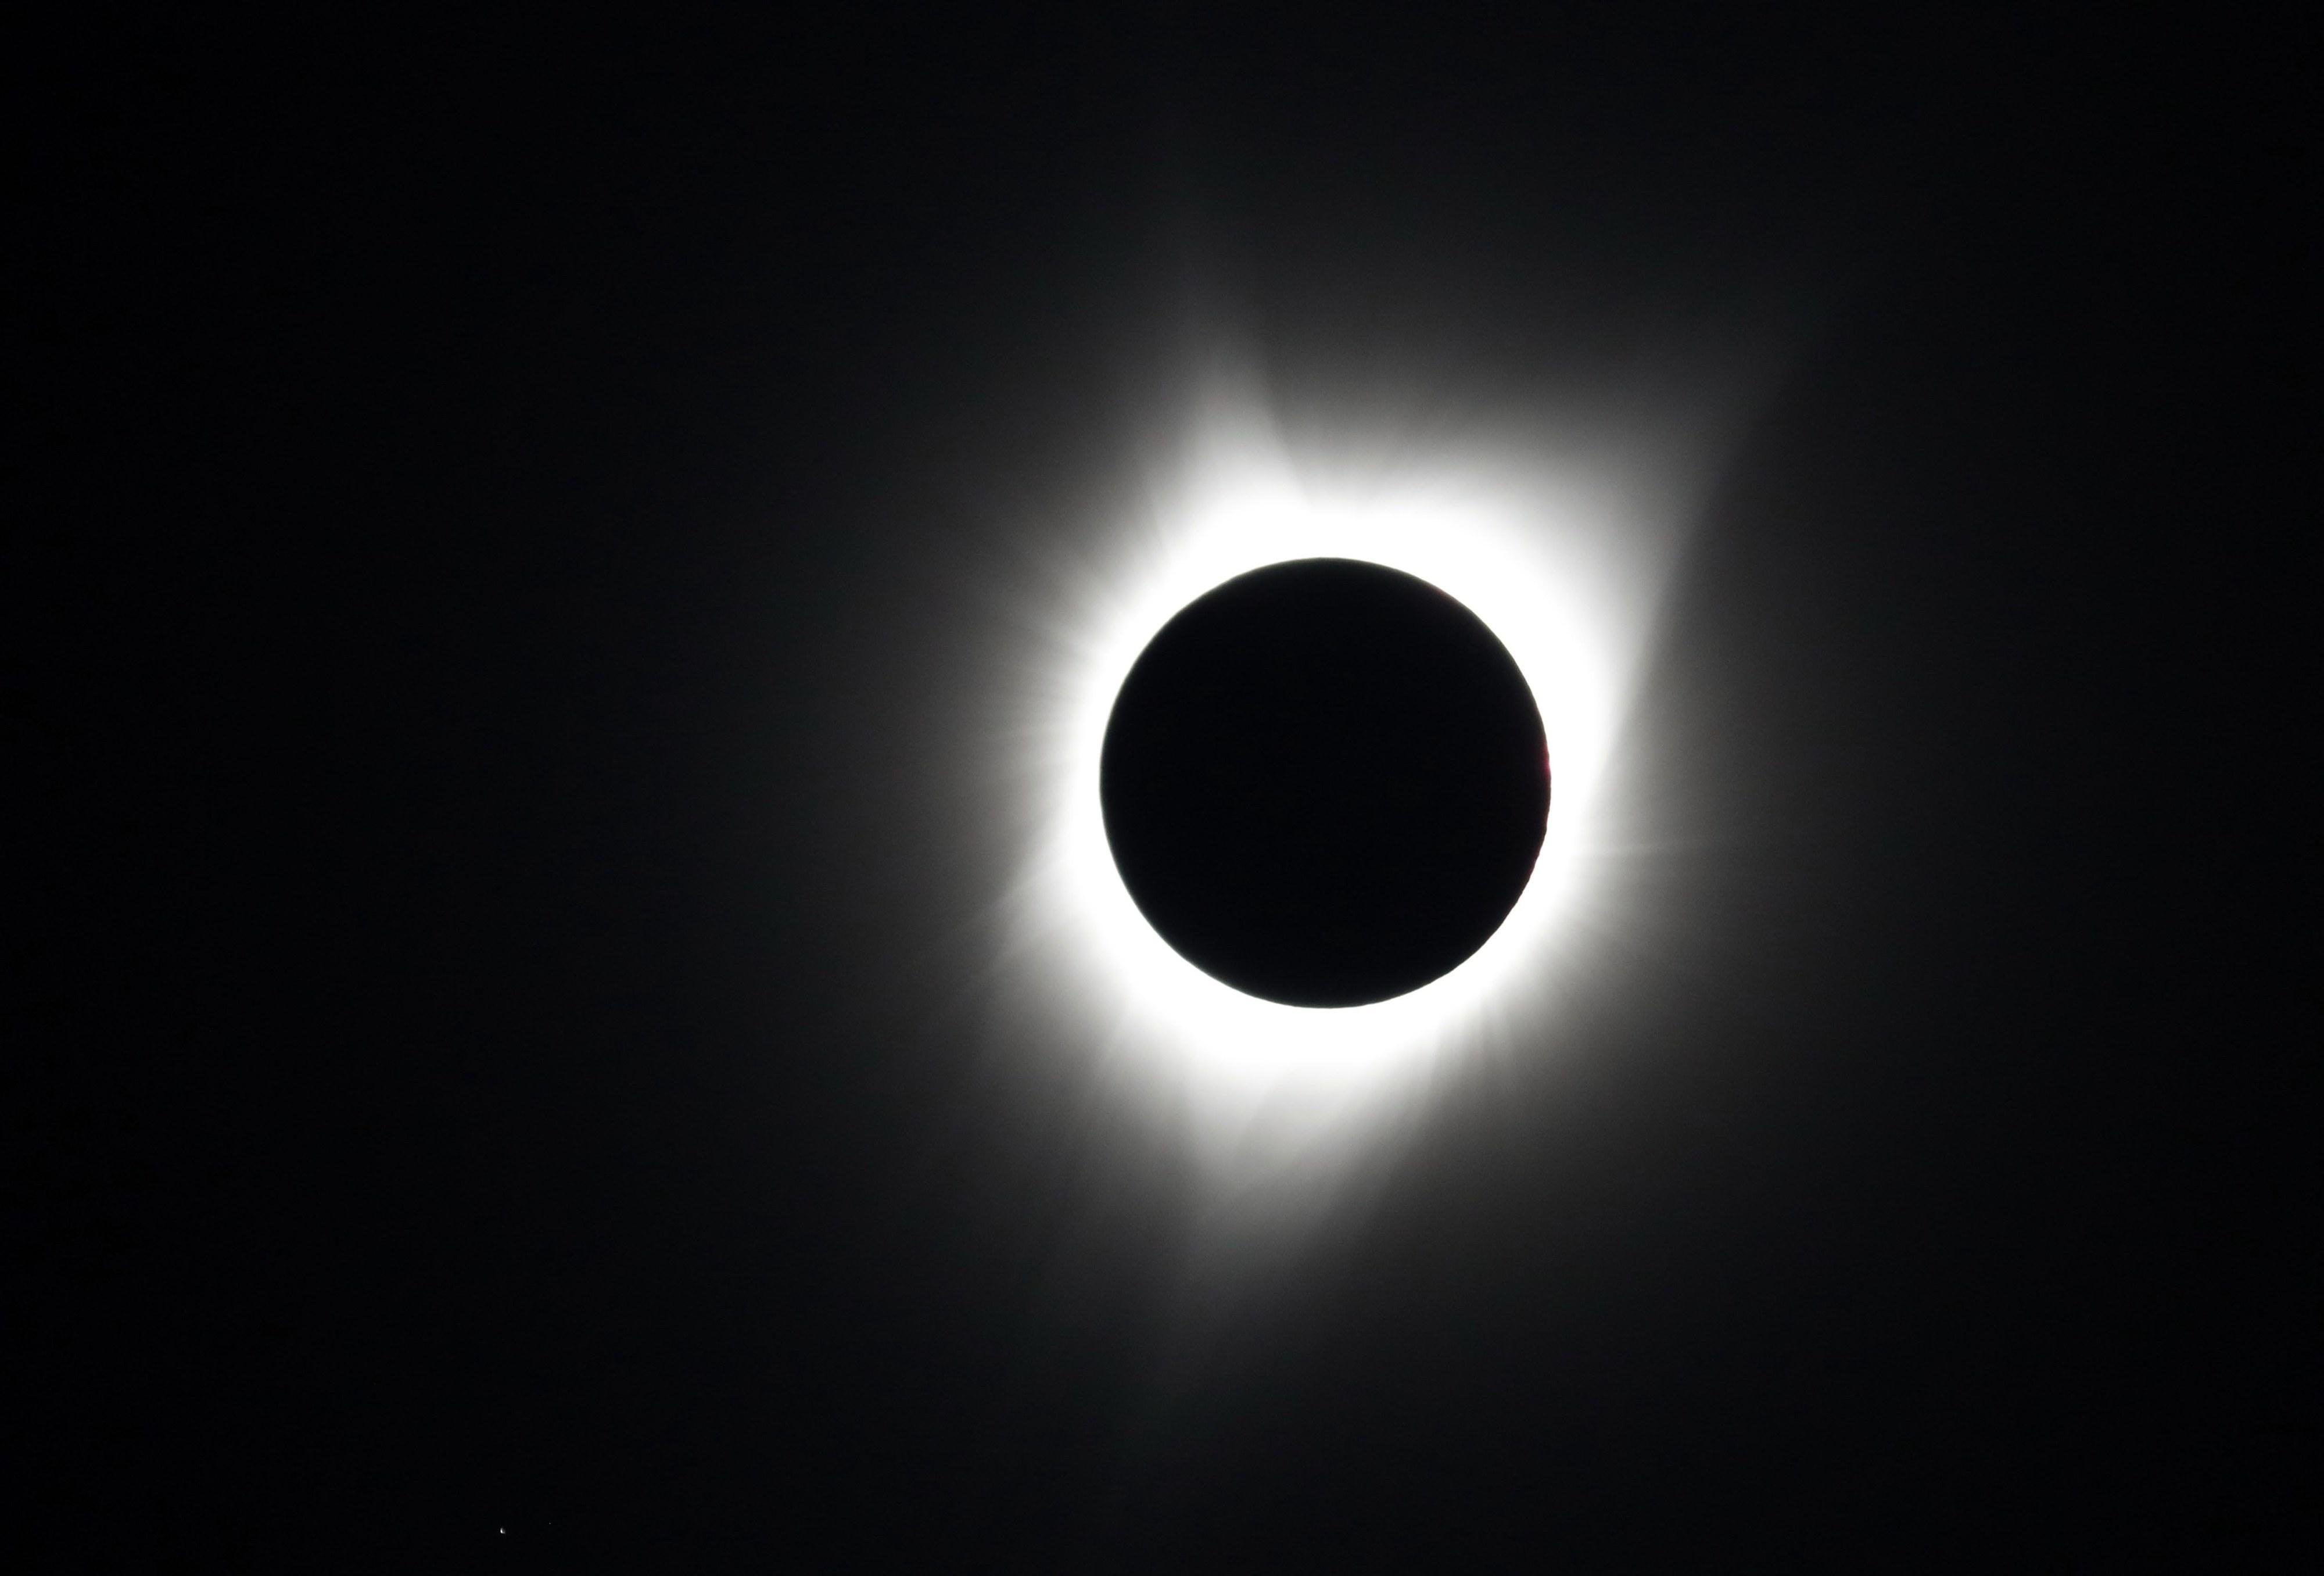 Eclipse do Sol que permitiu validar Teoria da Relatividade Geral faz 100 anos